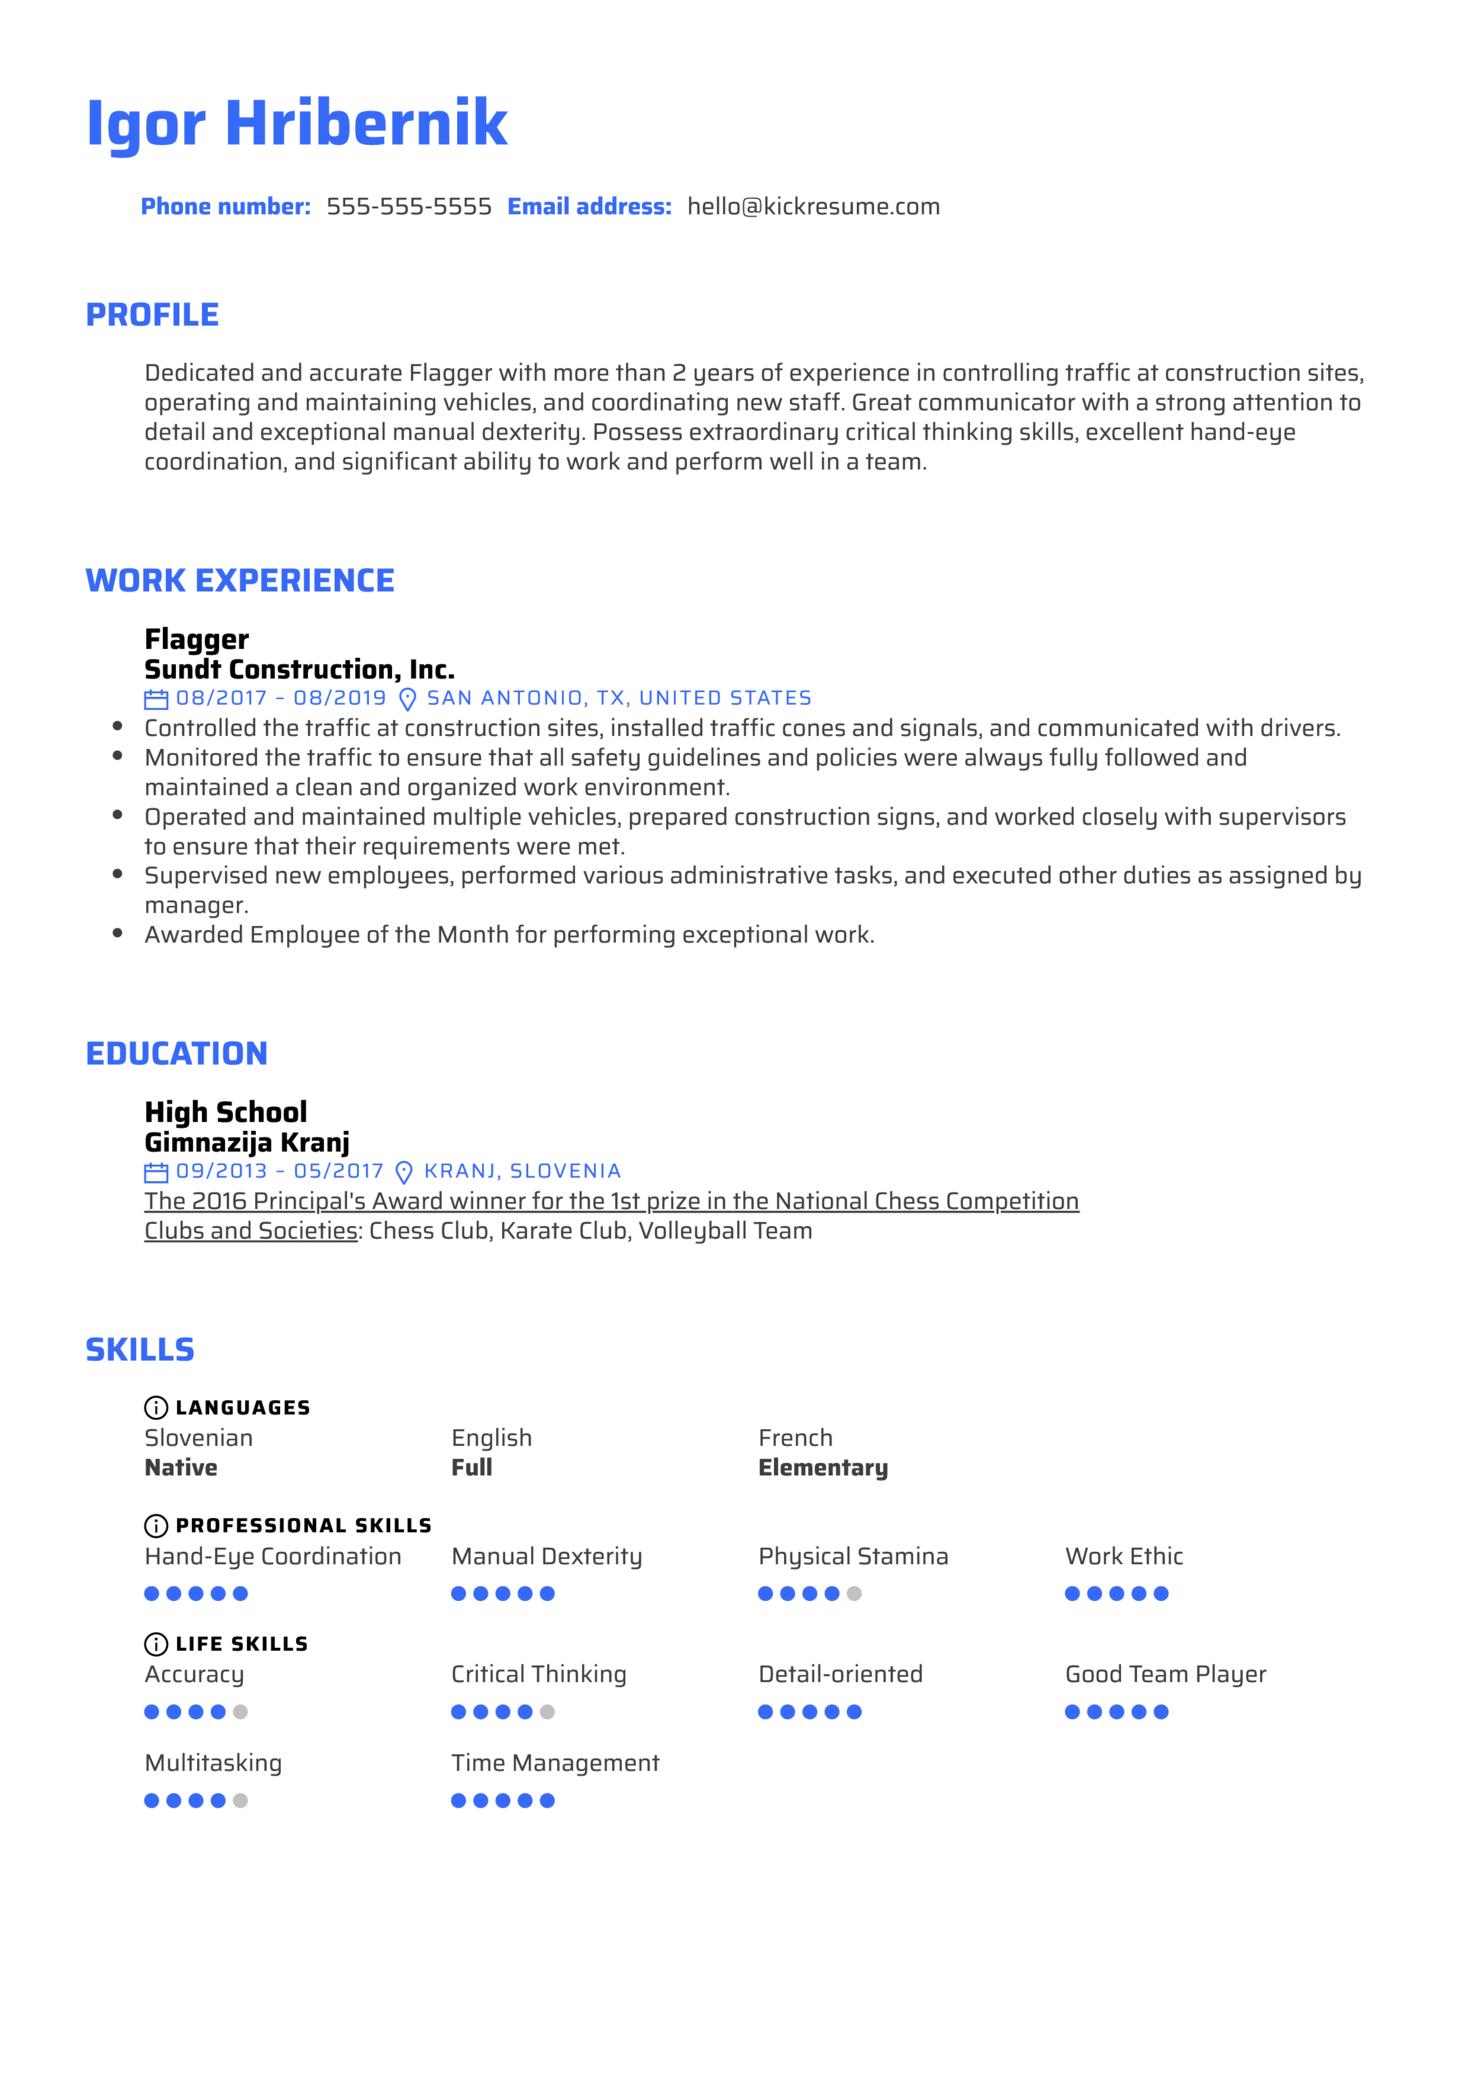 Flagger Resume Example (časť 1)